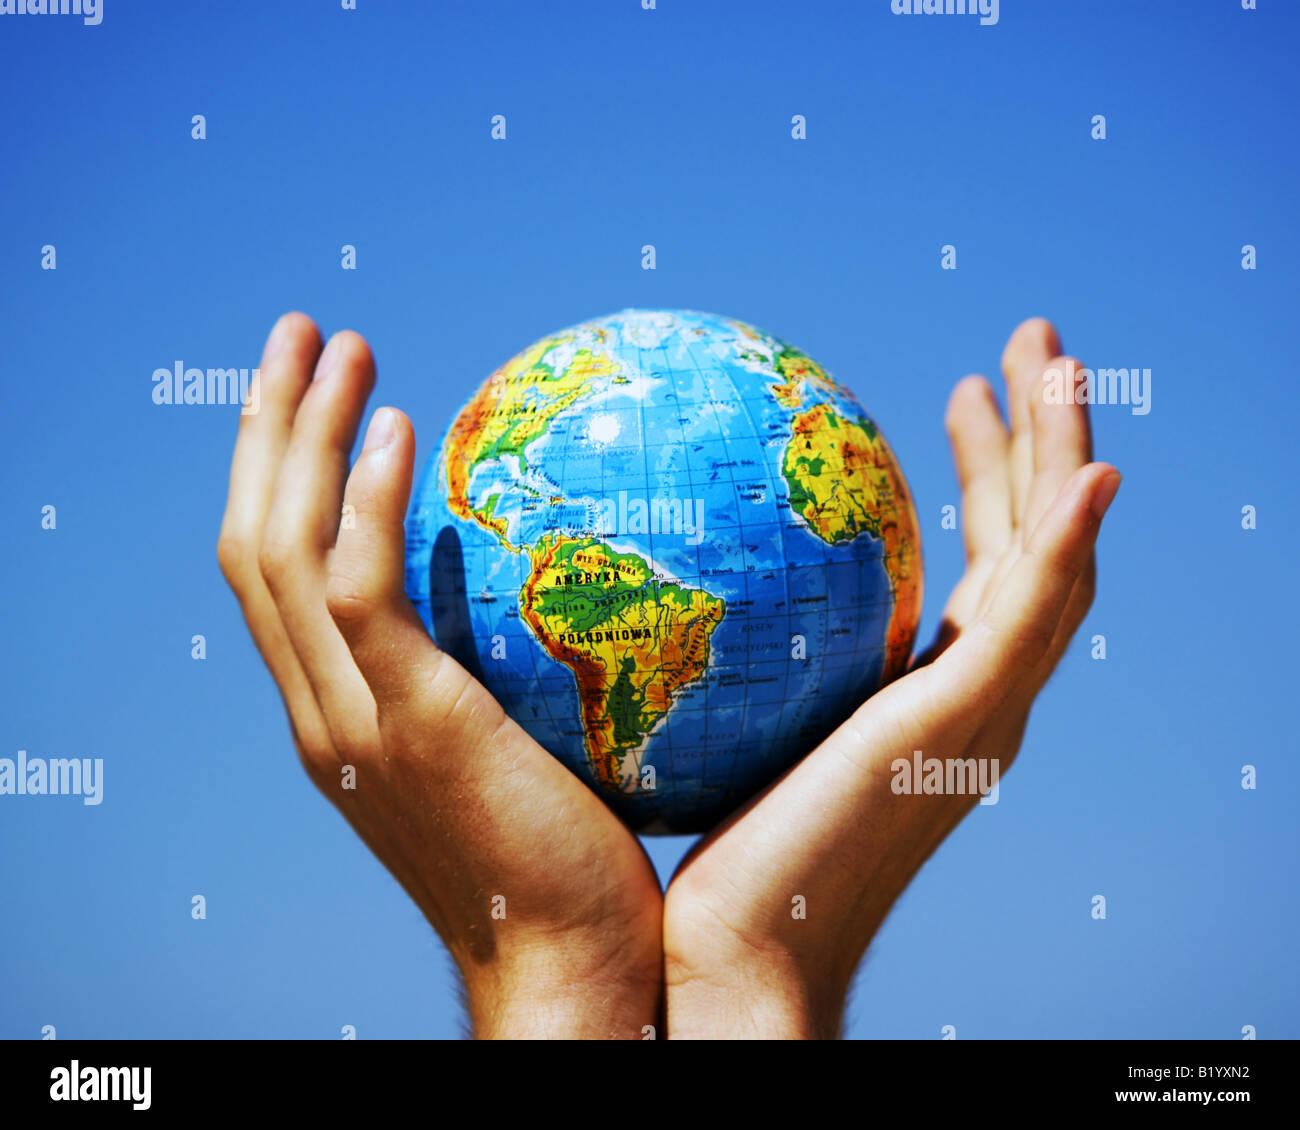 Globo terrestre in mani protetti. Globe il concetto di protezione, il riciclaggio, i problemi del mondo, ambiente Immagini Stock